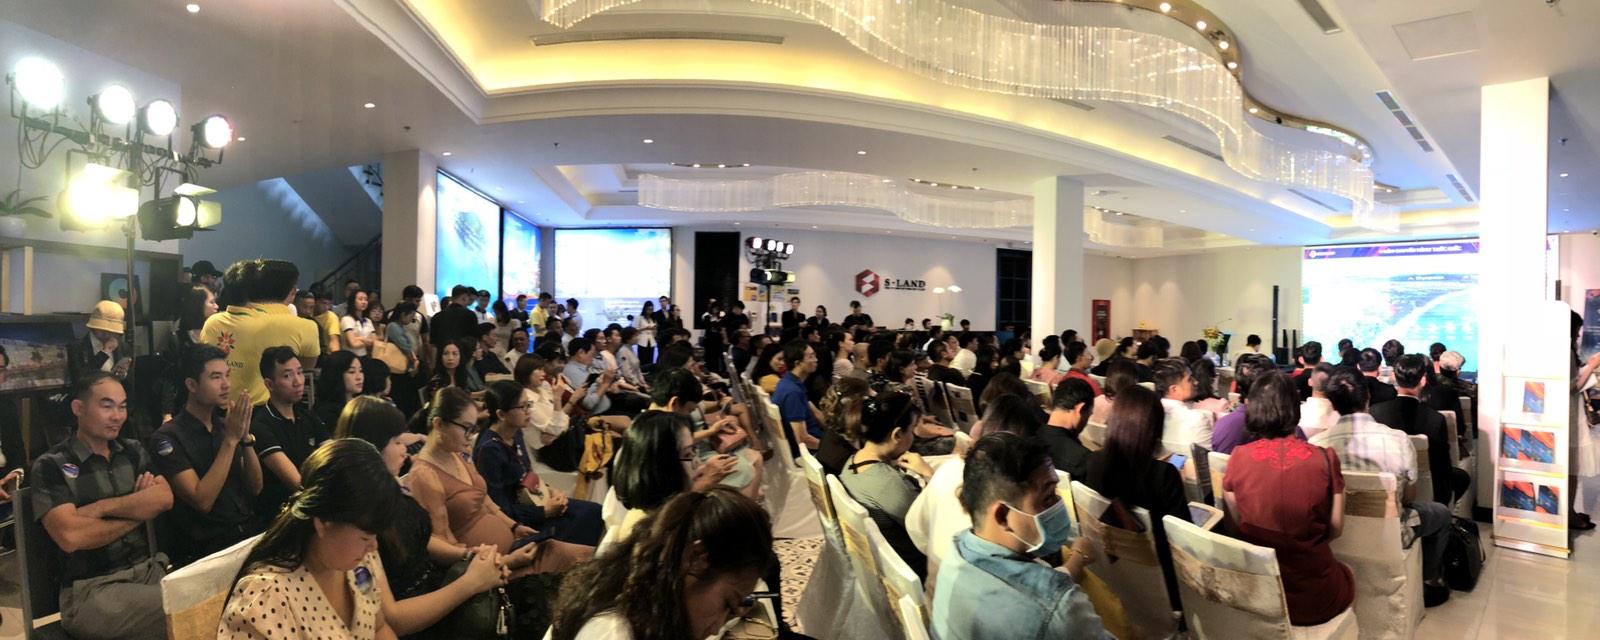 Sự kiện đã thu hút hàng trăm khách hàng đến tham dự